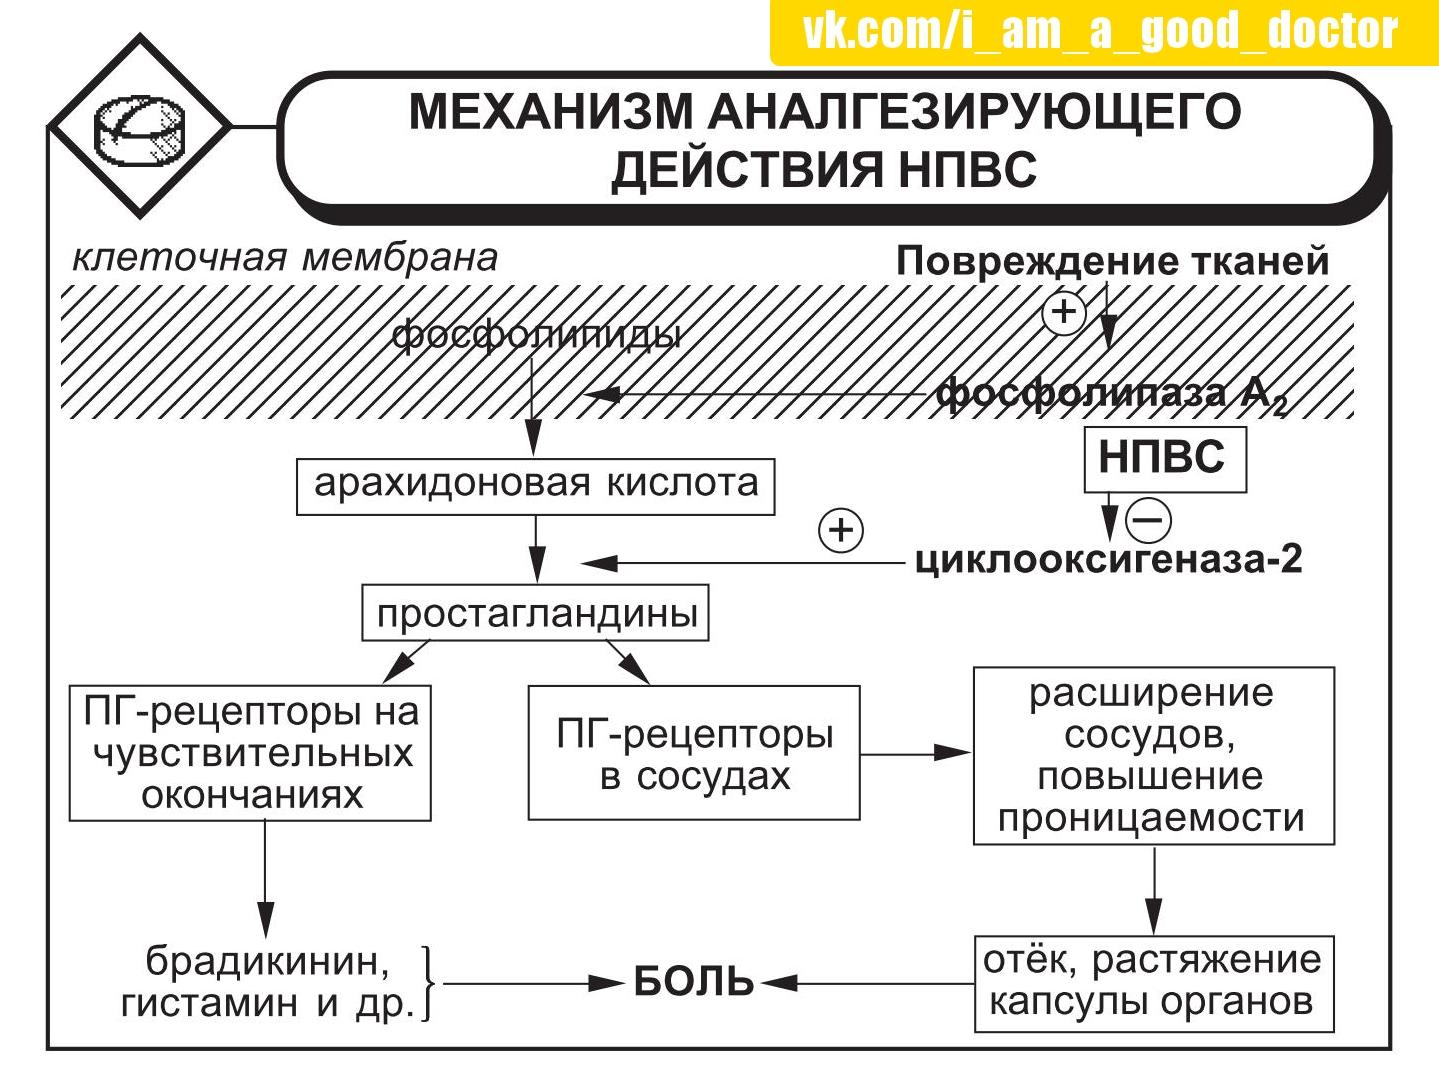 Схема отмены бета блокаторов